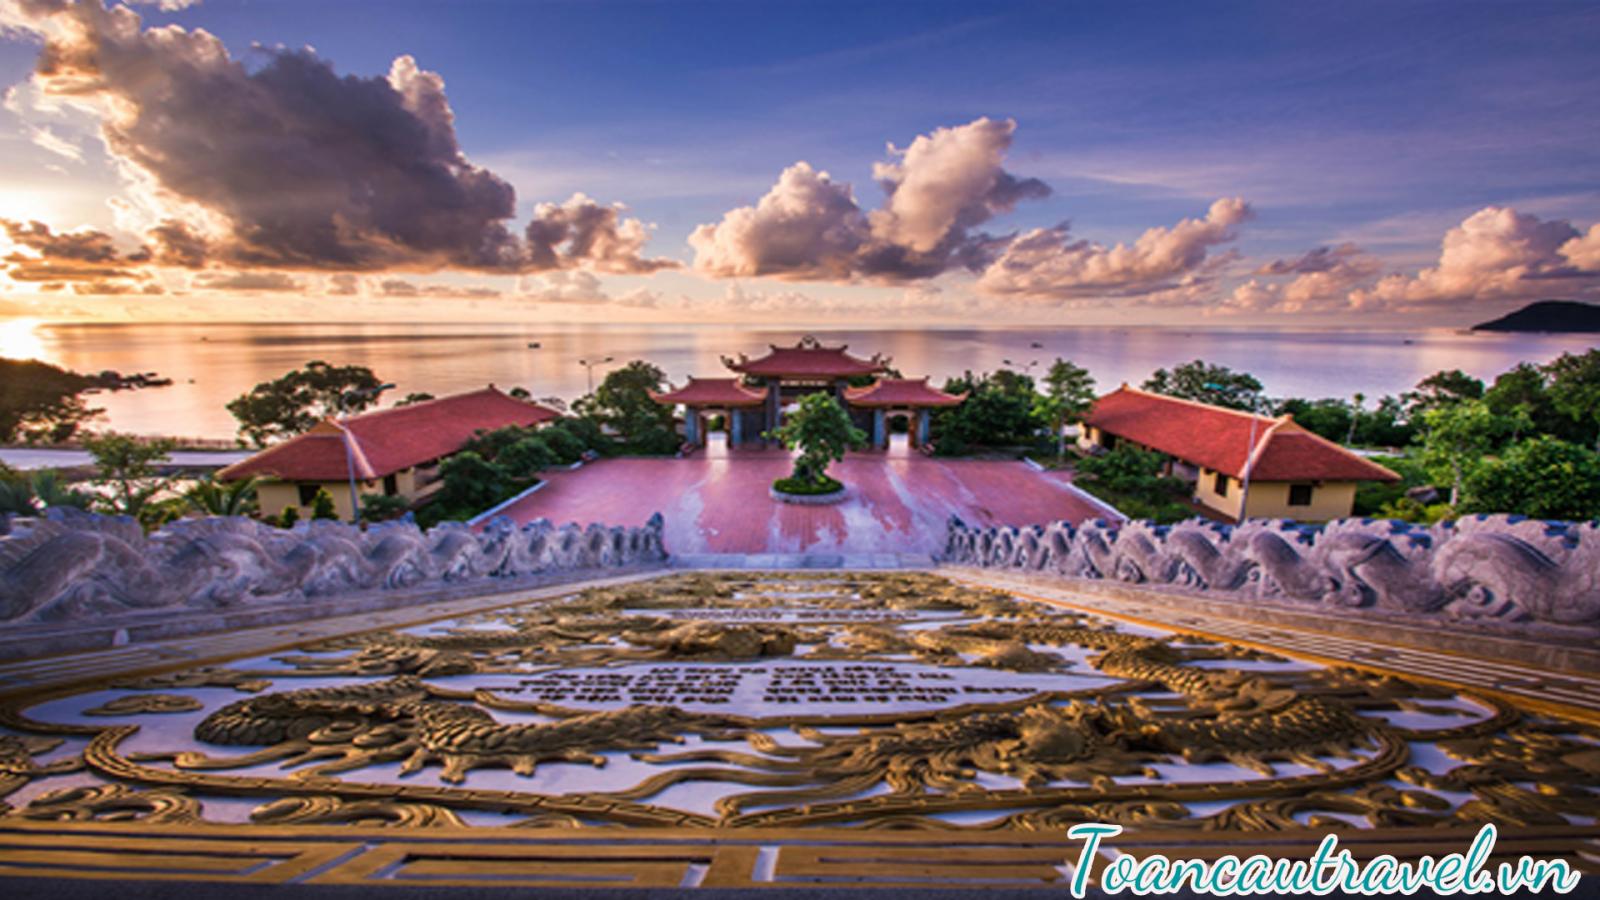 Thiên Viện Trúc Lâm Hộ Quốc- ngôi chùa đẹp và lớn nhất đảo ngọc với khung cảnh hoang sơ,yên tĩnh